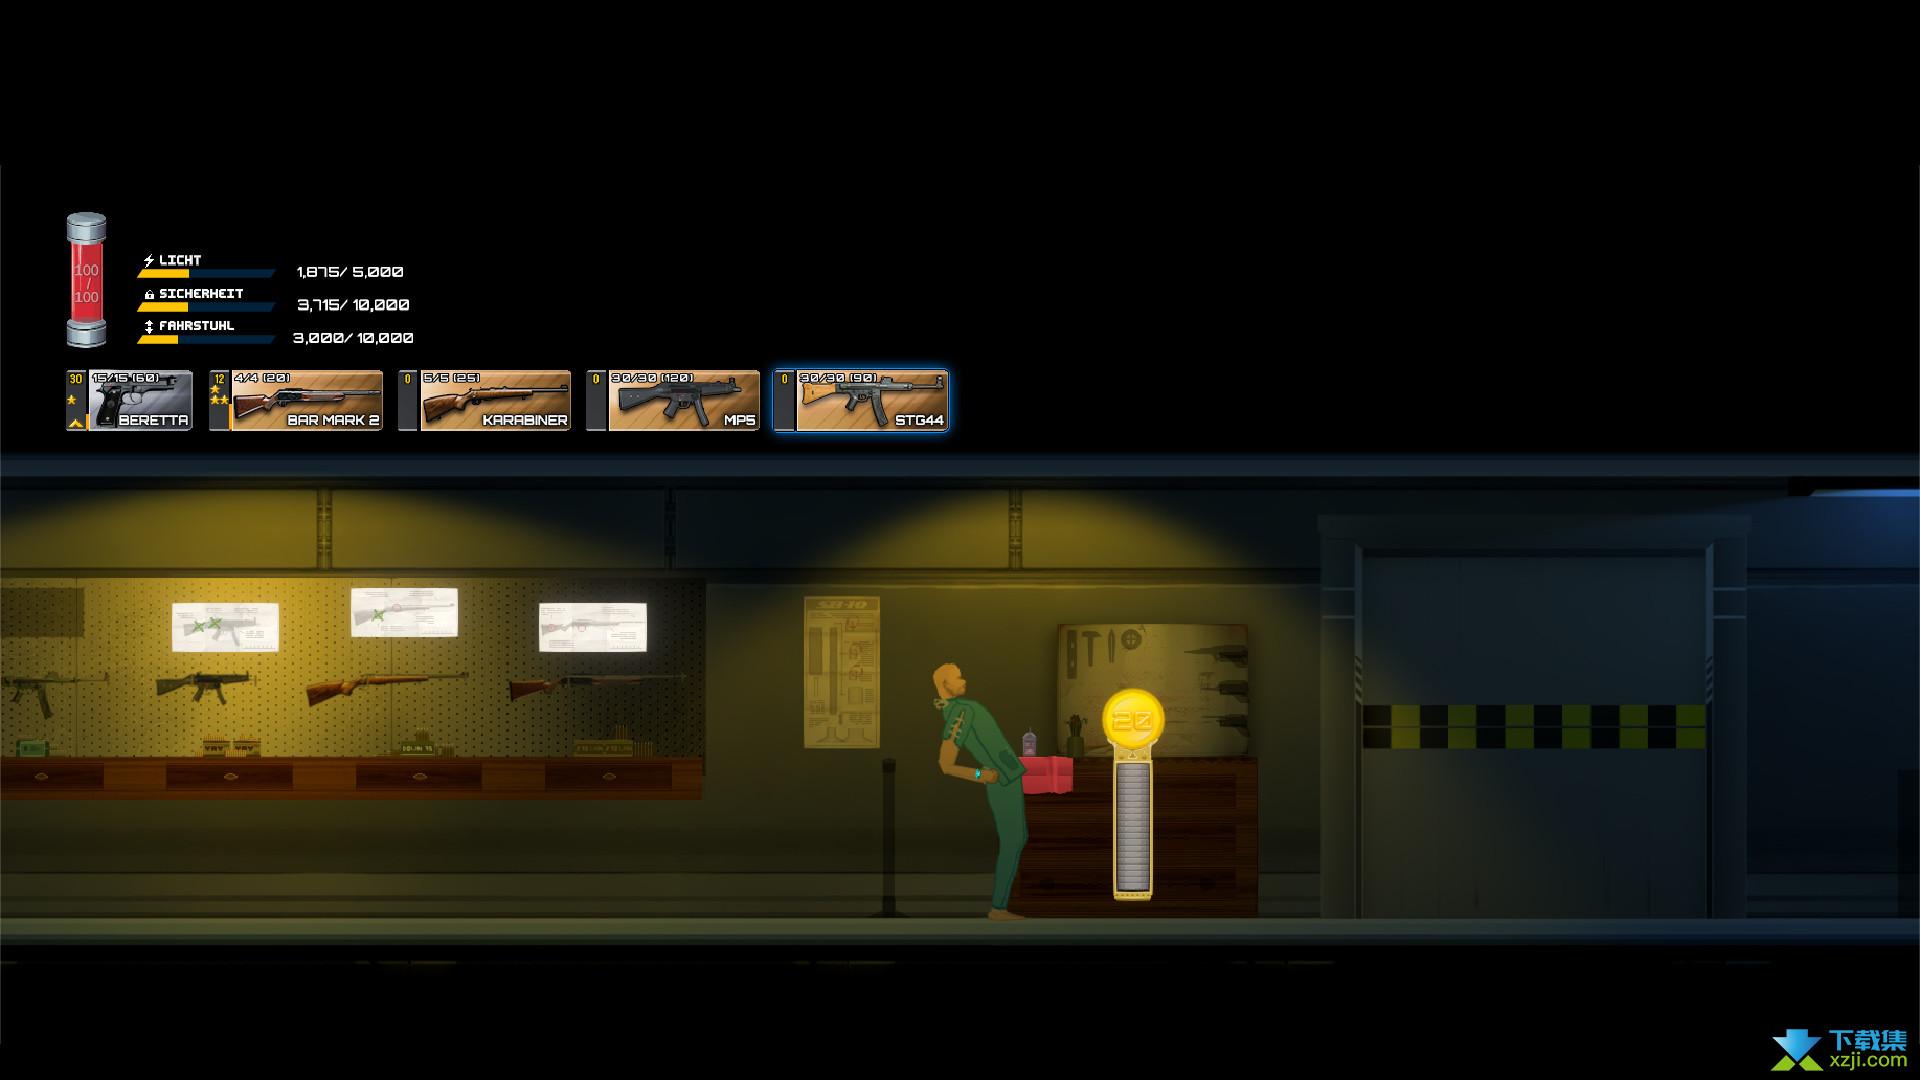 7号实验室寒冷的夜晚界面1